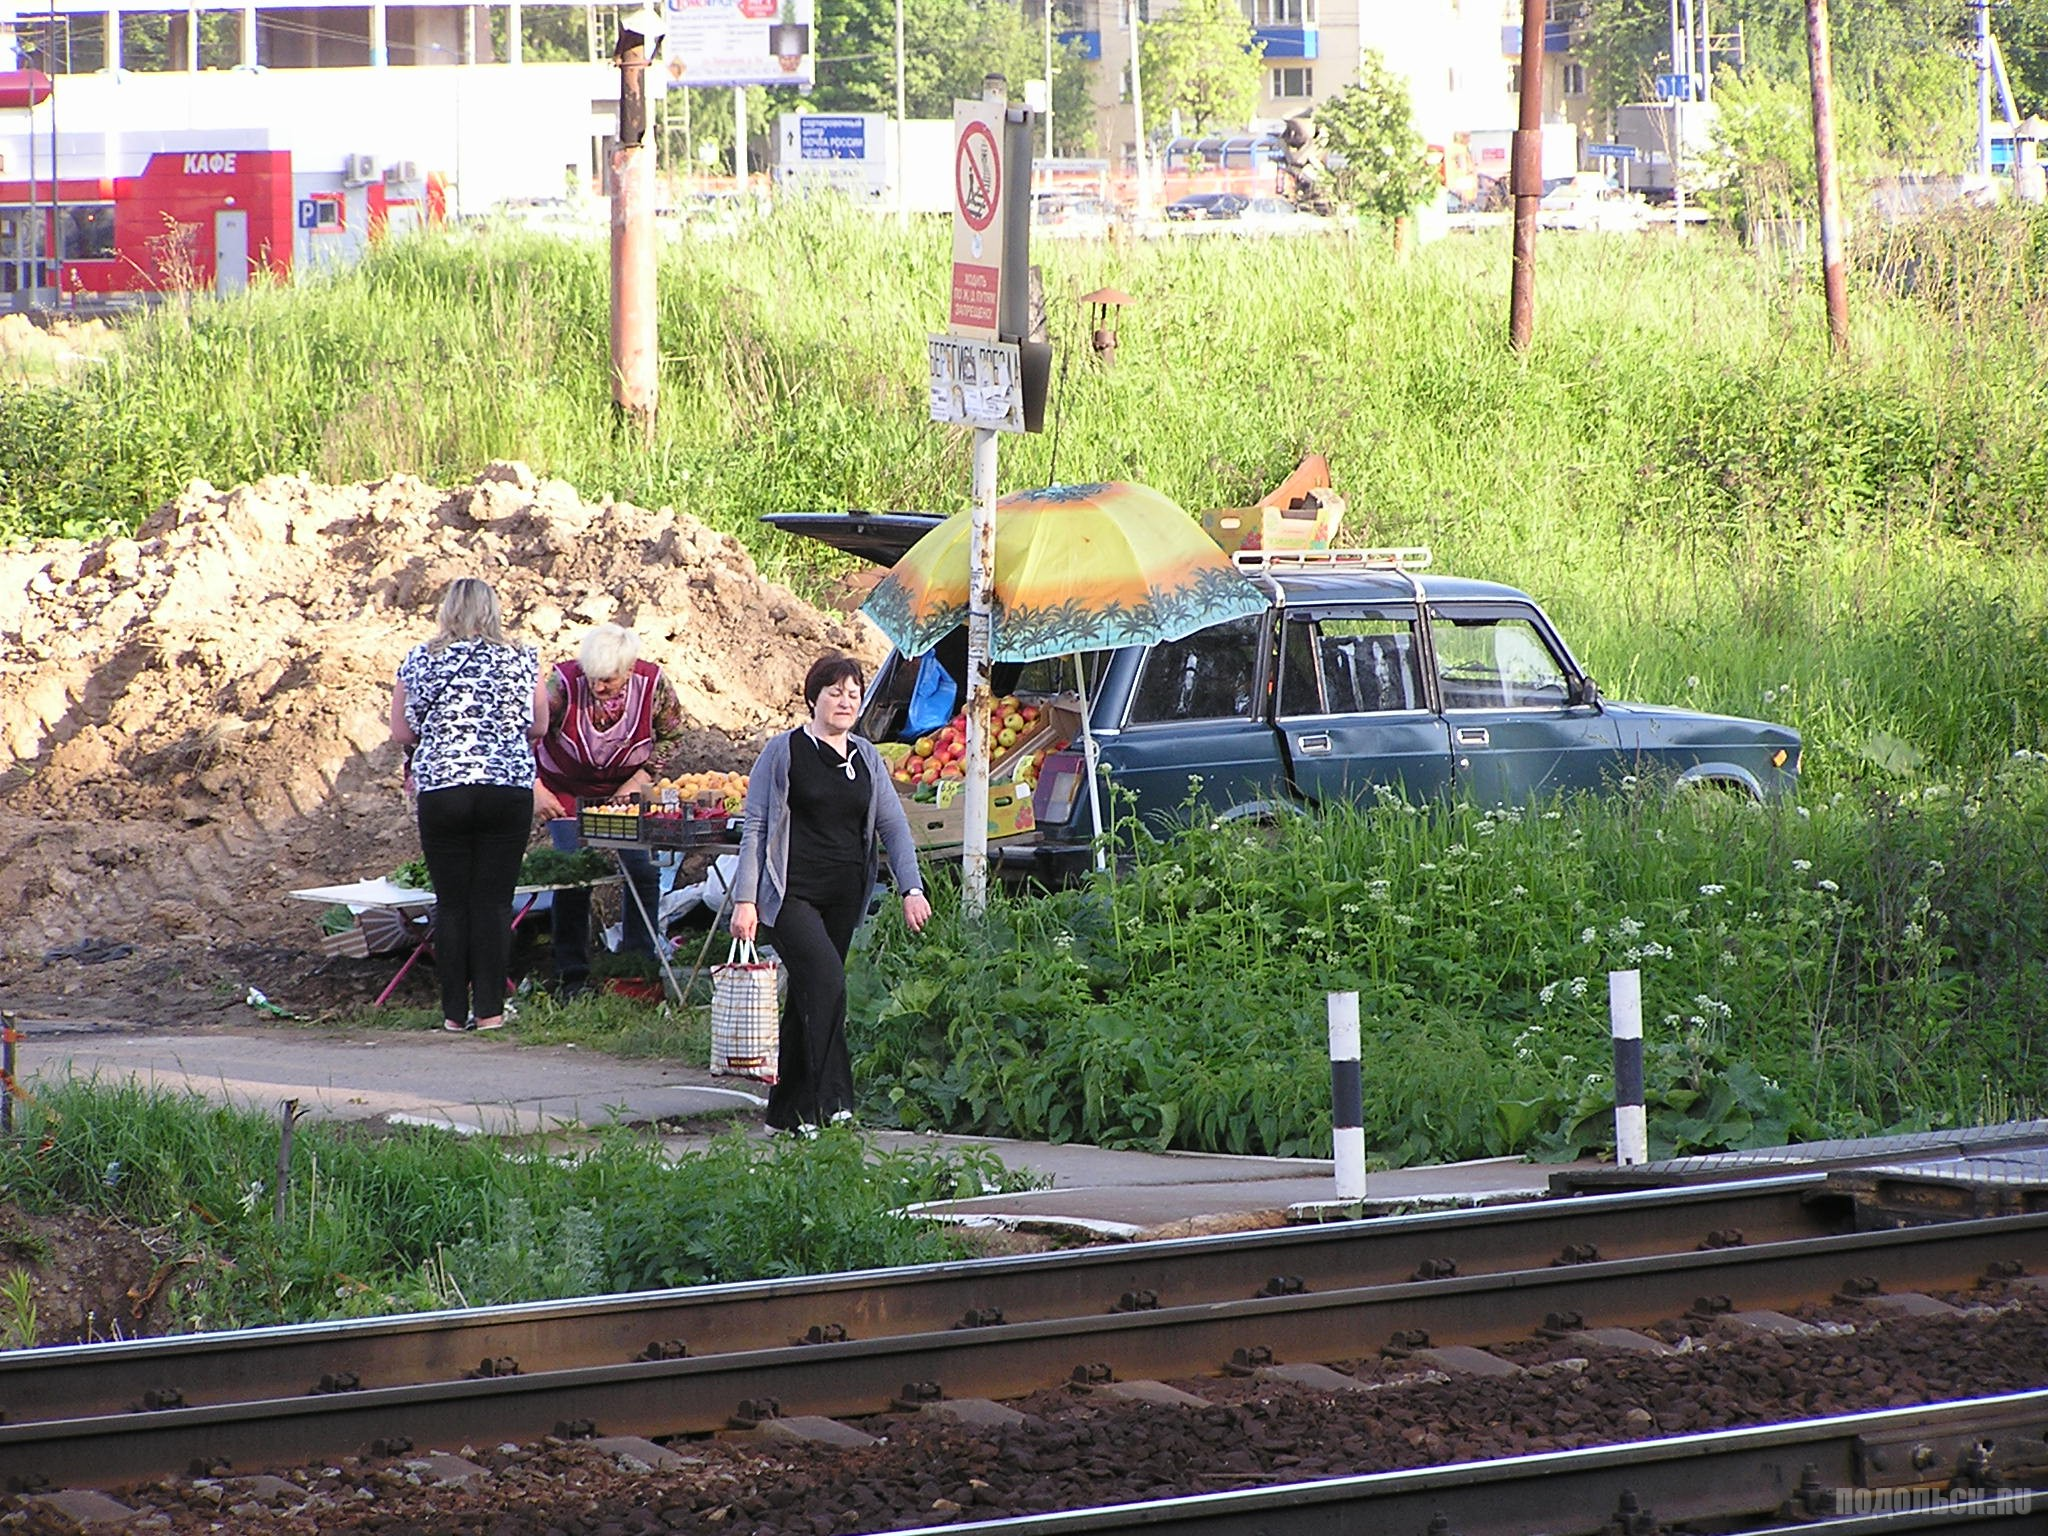 Несанкционированная торговля у платформы Весенняя. 3 июня 2016 г.